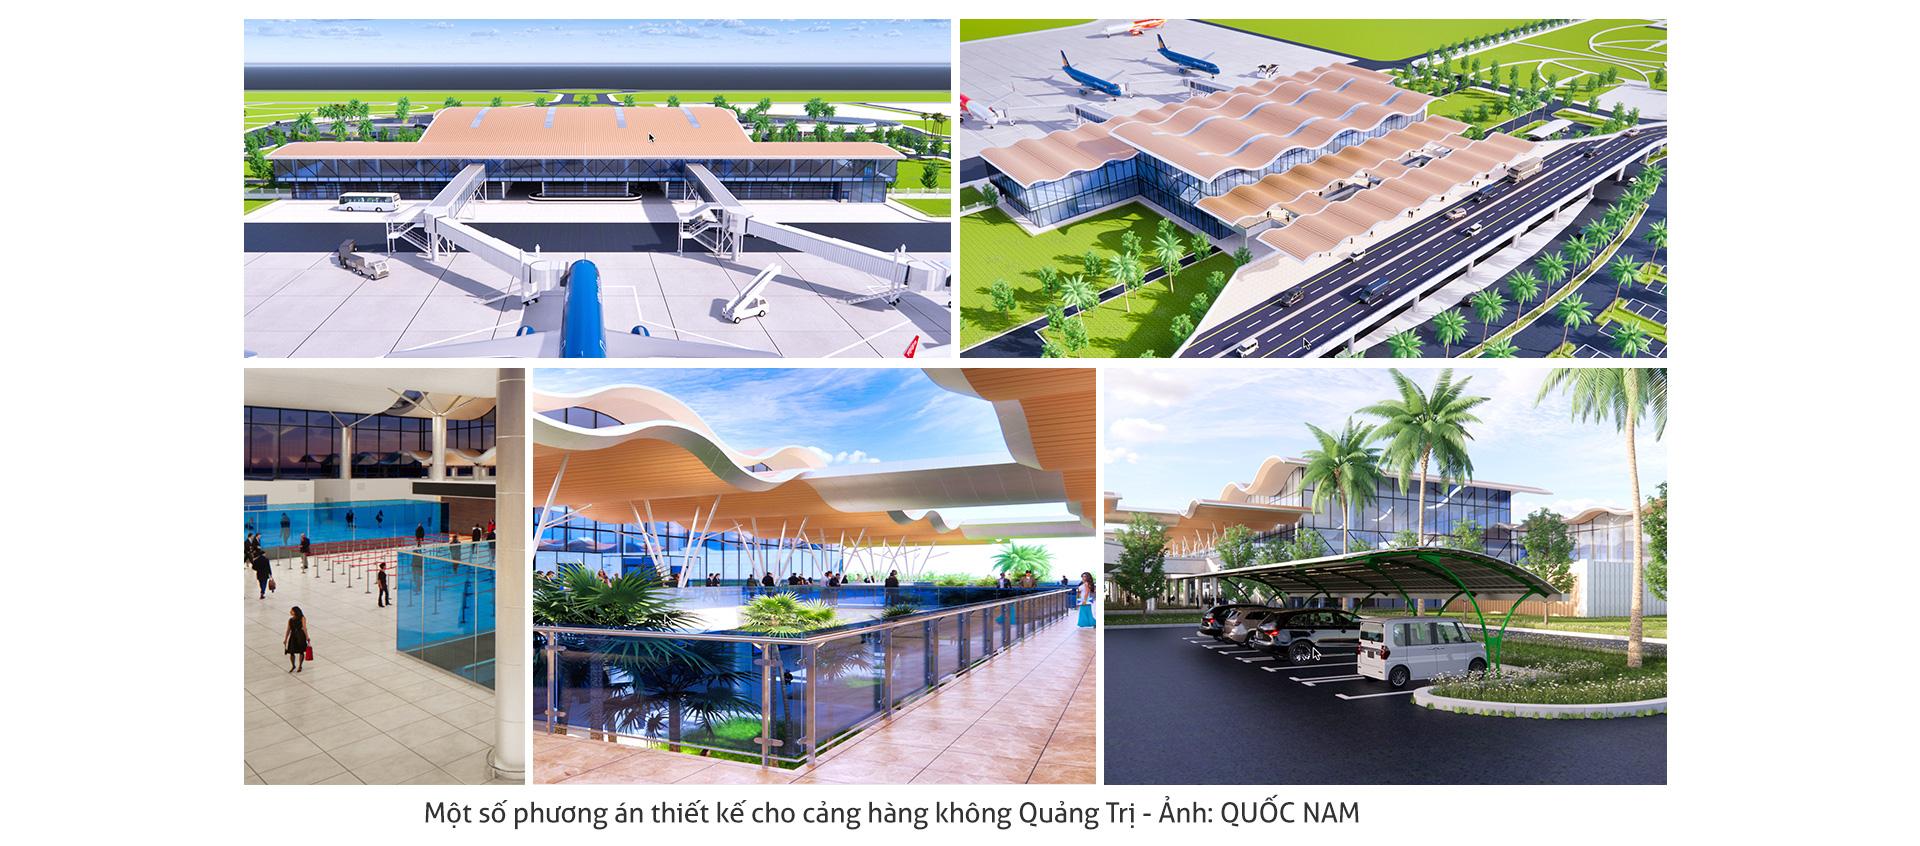 Quảng Trị xây giấc mơ thành trung tâm năng lượng tái tạo - Ảnh 12.